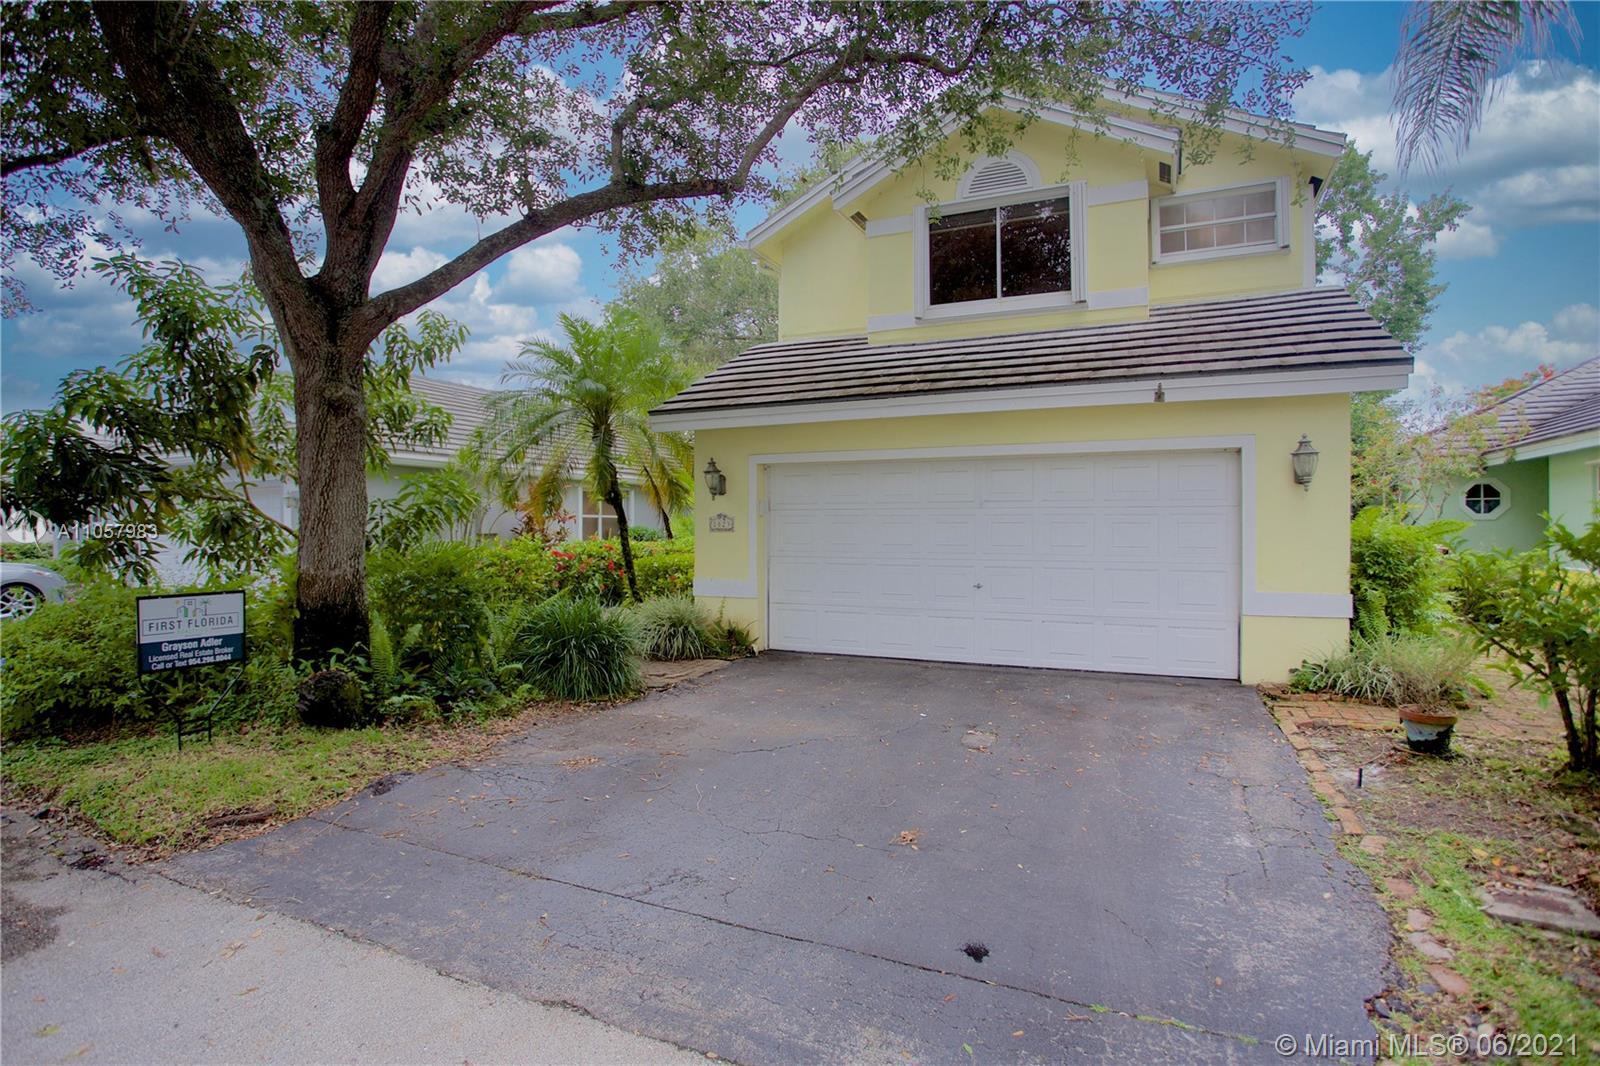 Forest Ridge - 8823 Ivy Ct, Davie, FL 33328